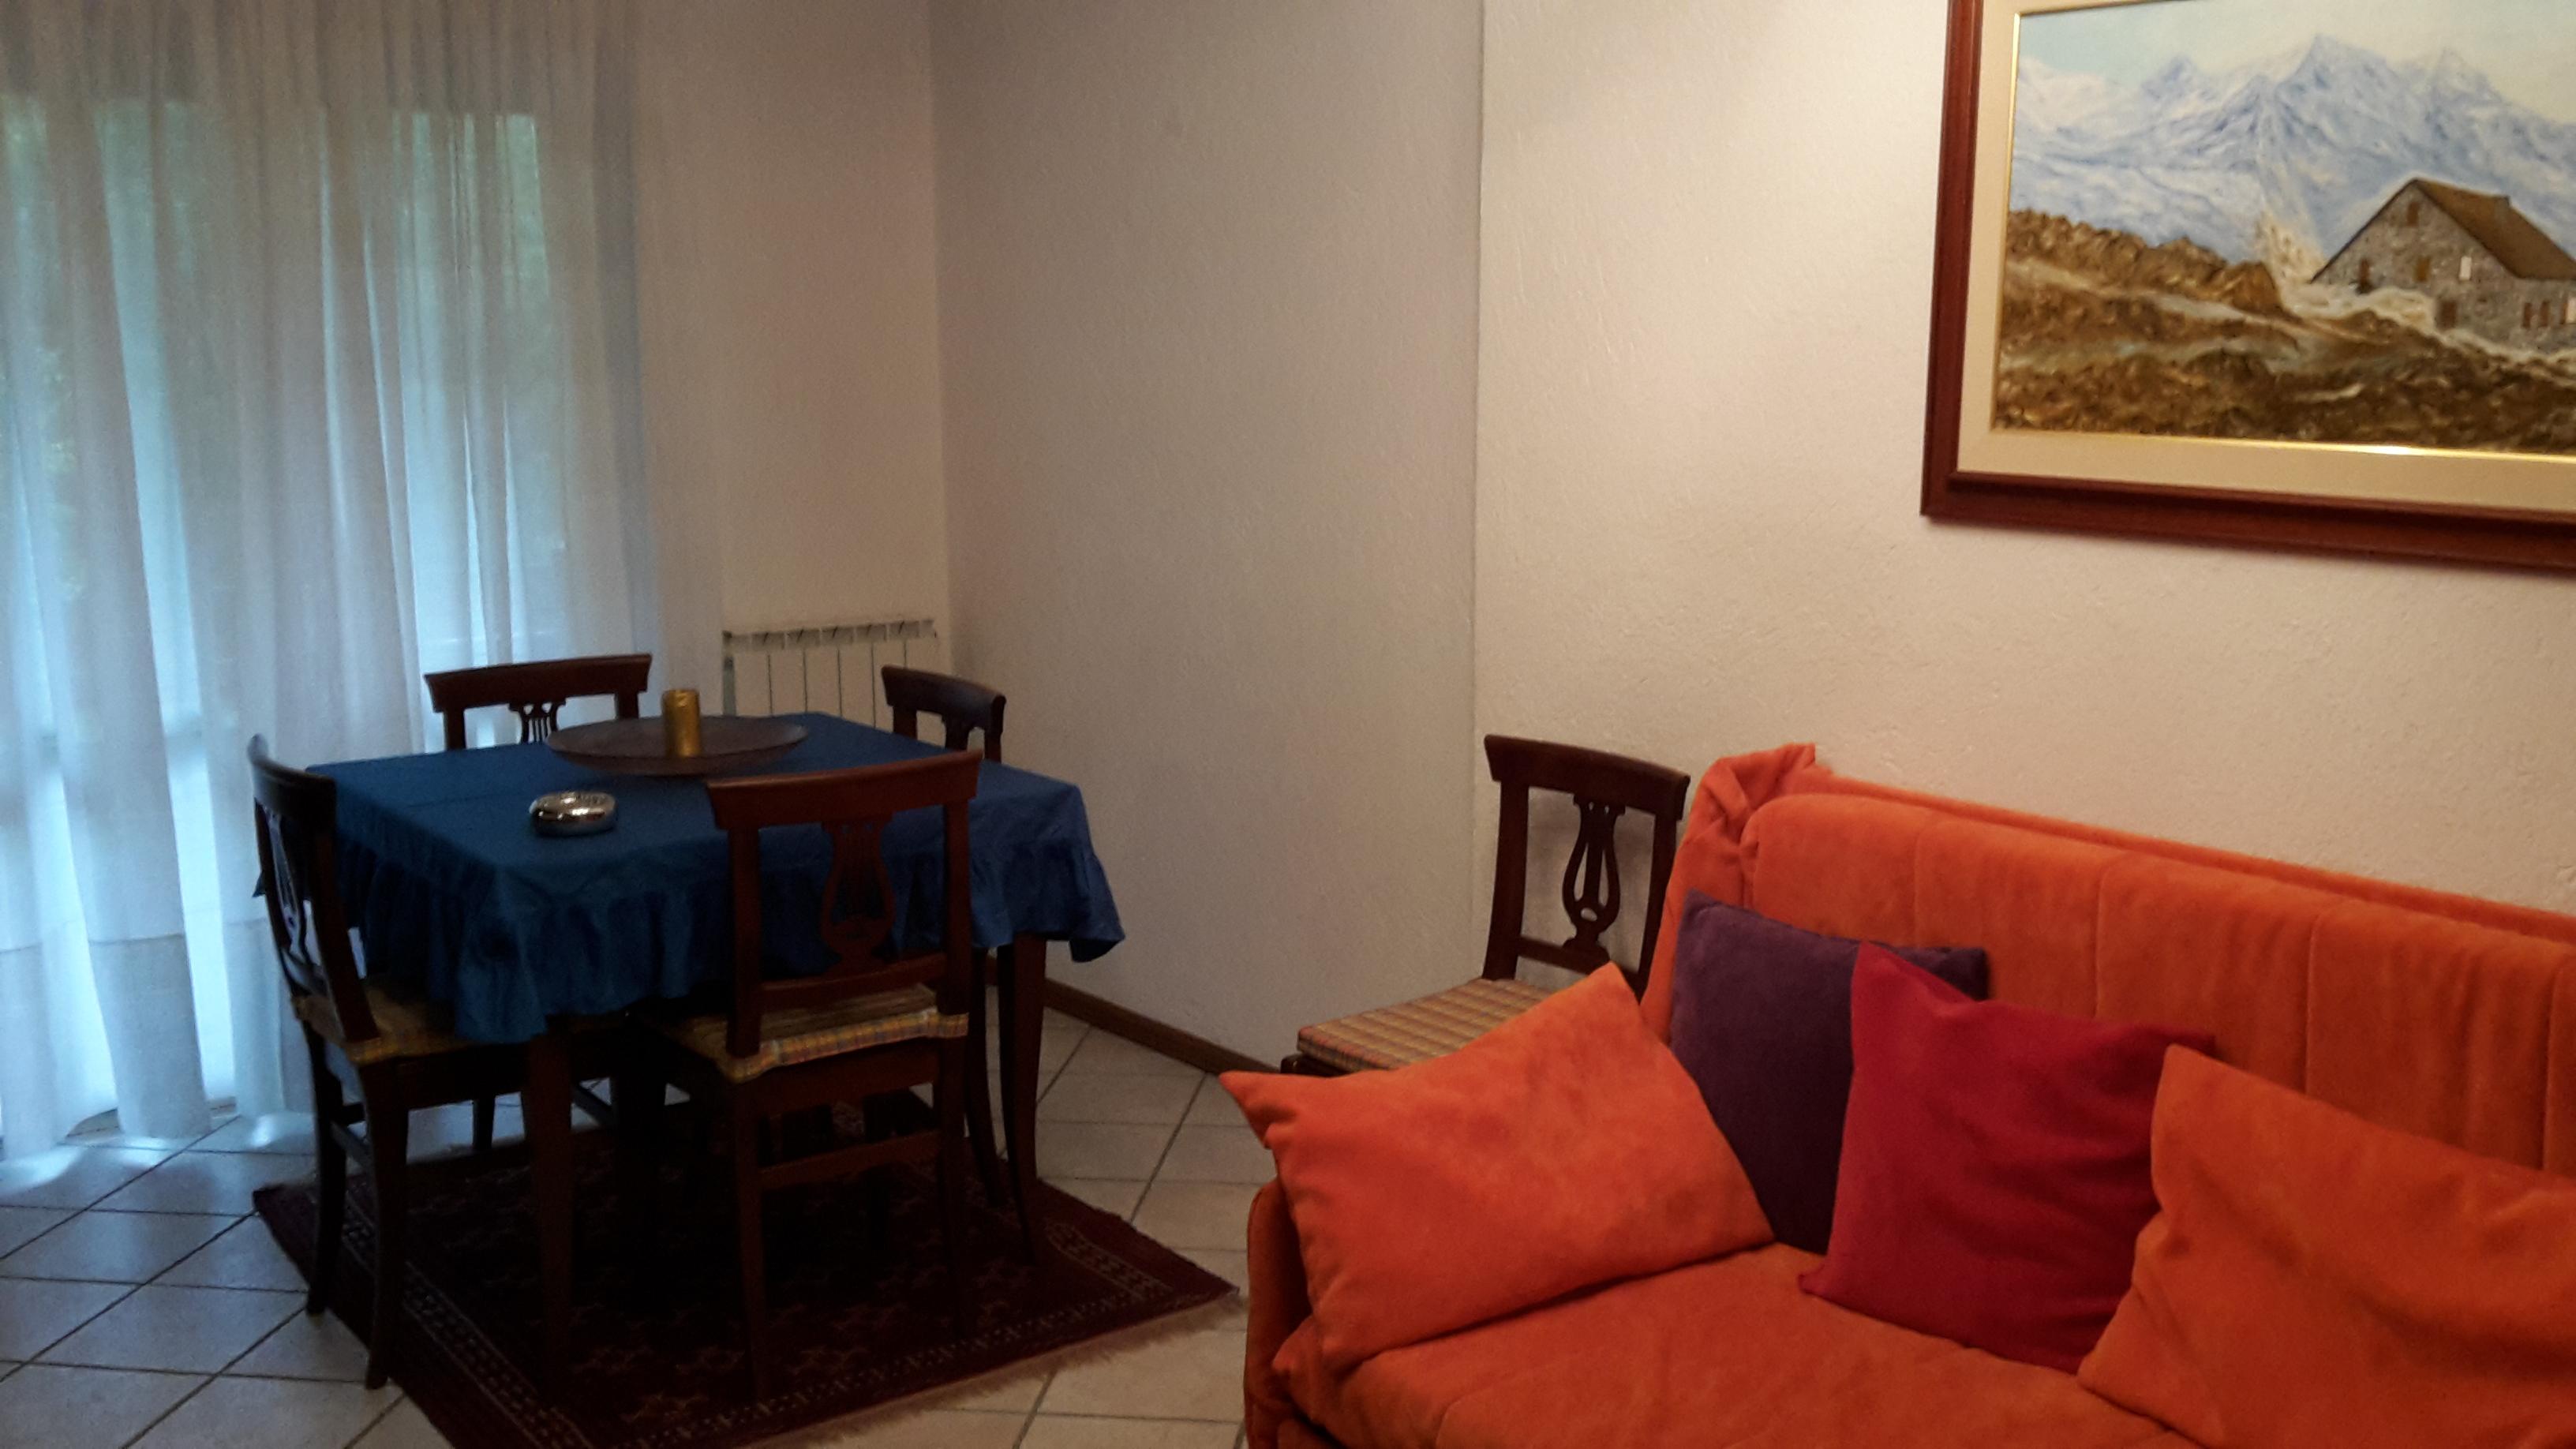 Vendita Appartamento 3 camere Montagna / Zona Prato Nevoso (To ...